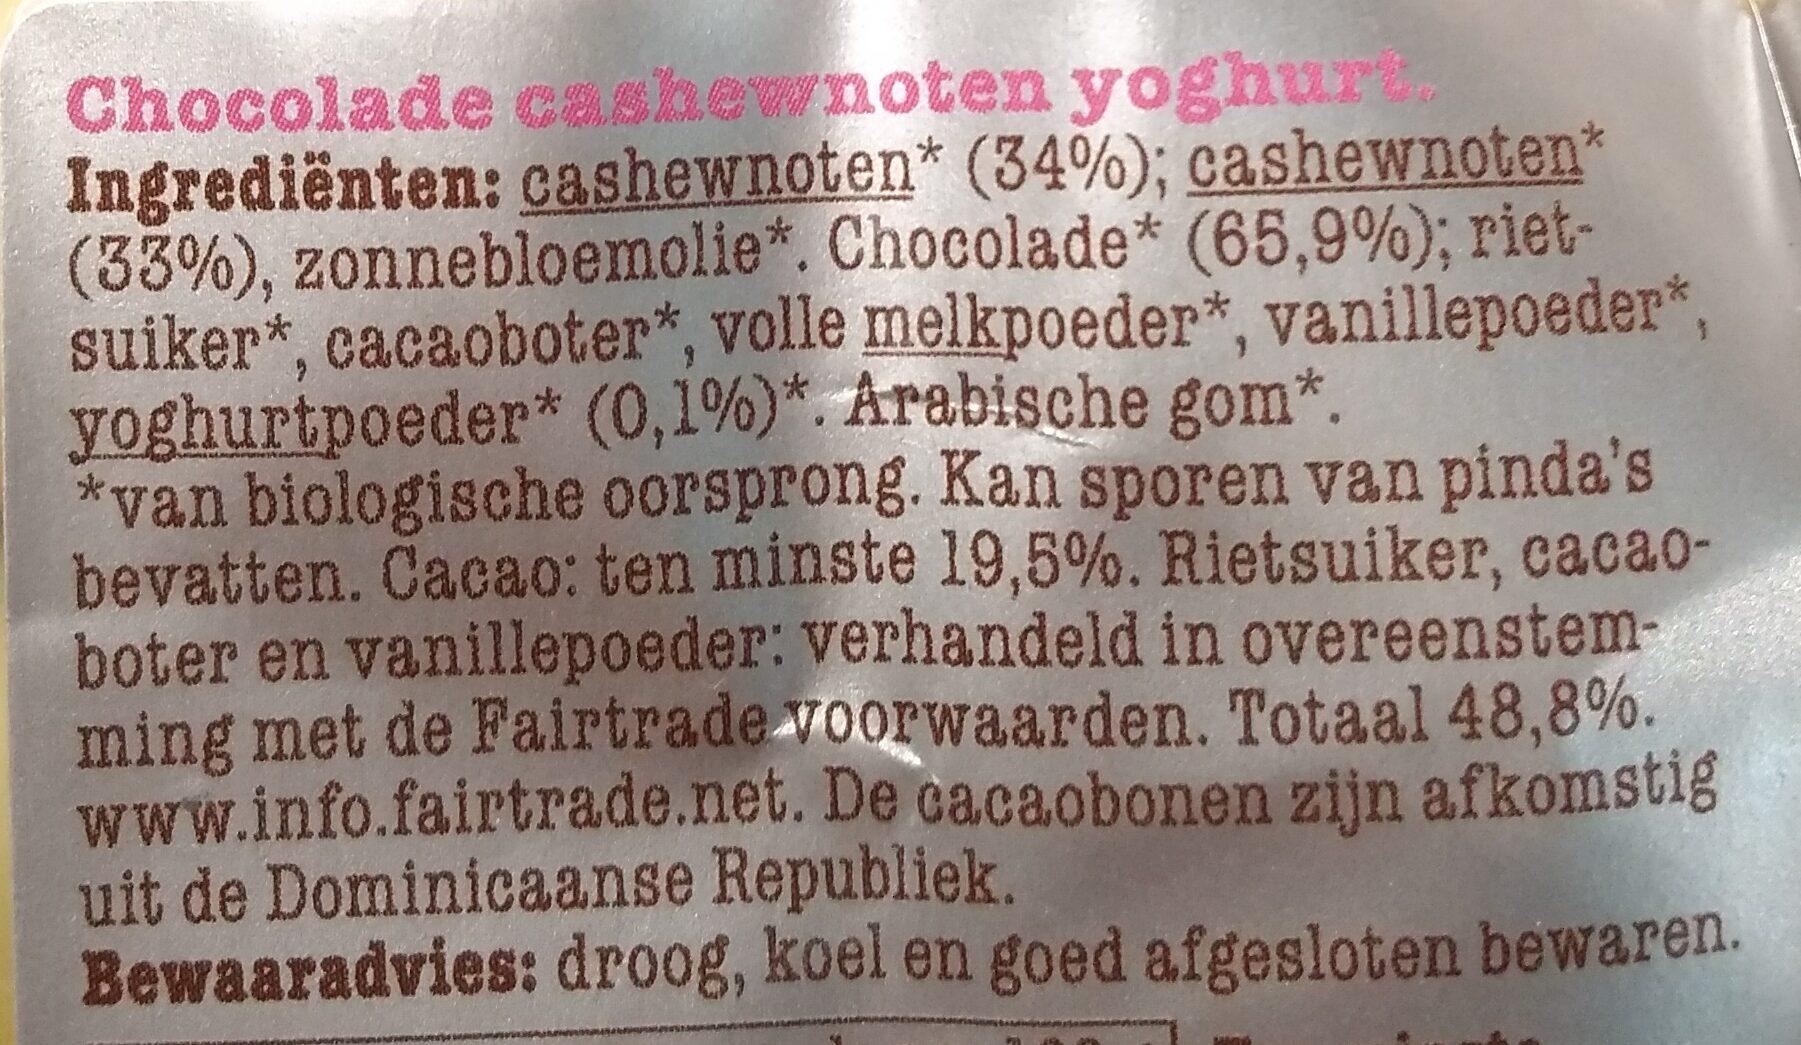 Chocolade cashewnoten - Ingrediënten